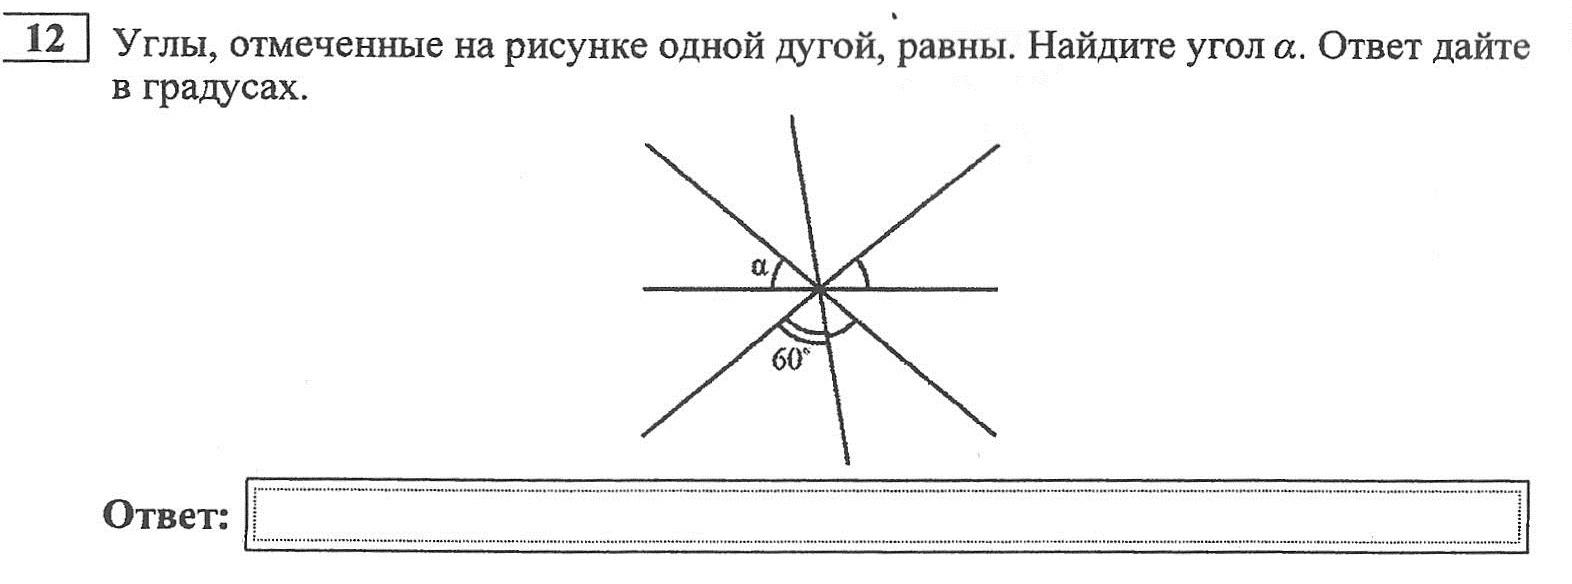 Углы отмечены на рисунке одной дугой равны найти угол а